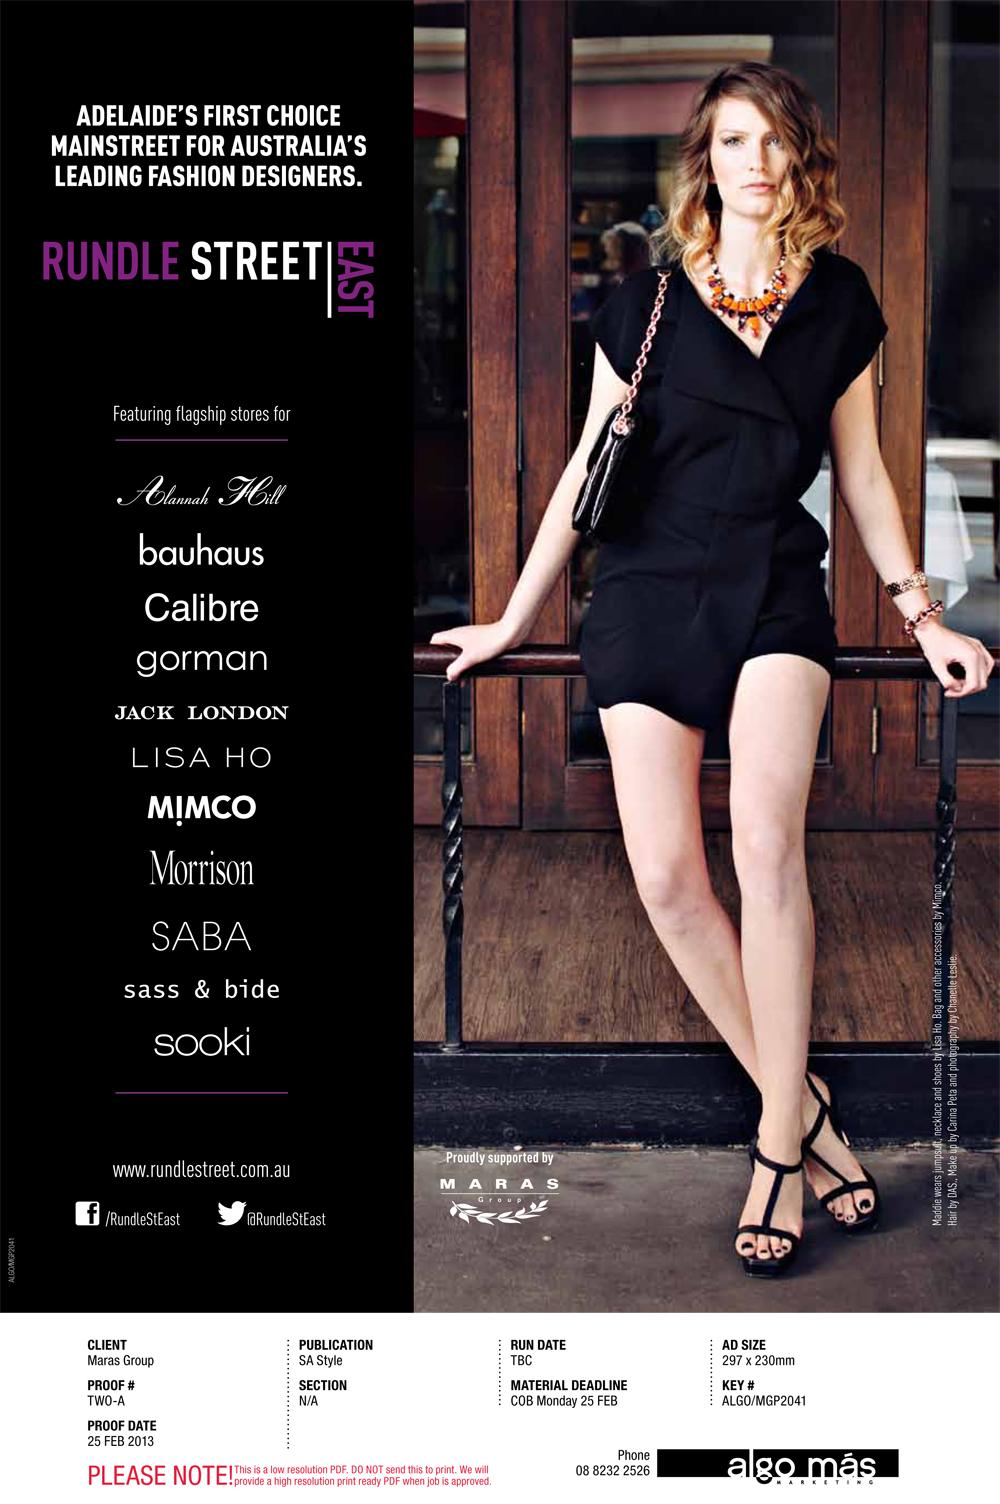 RundleStEast_Ad_SA_Style-1.jpg